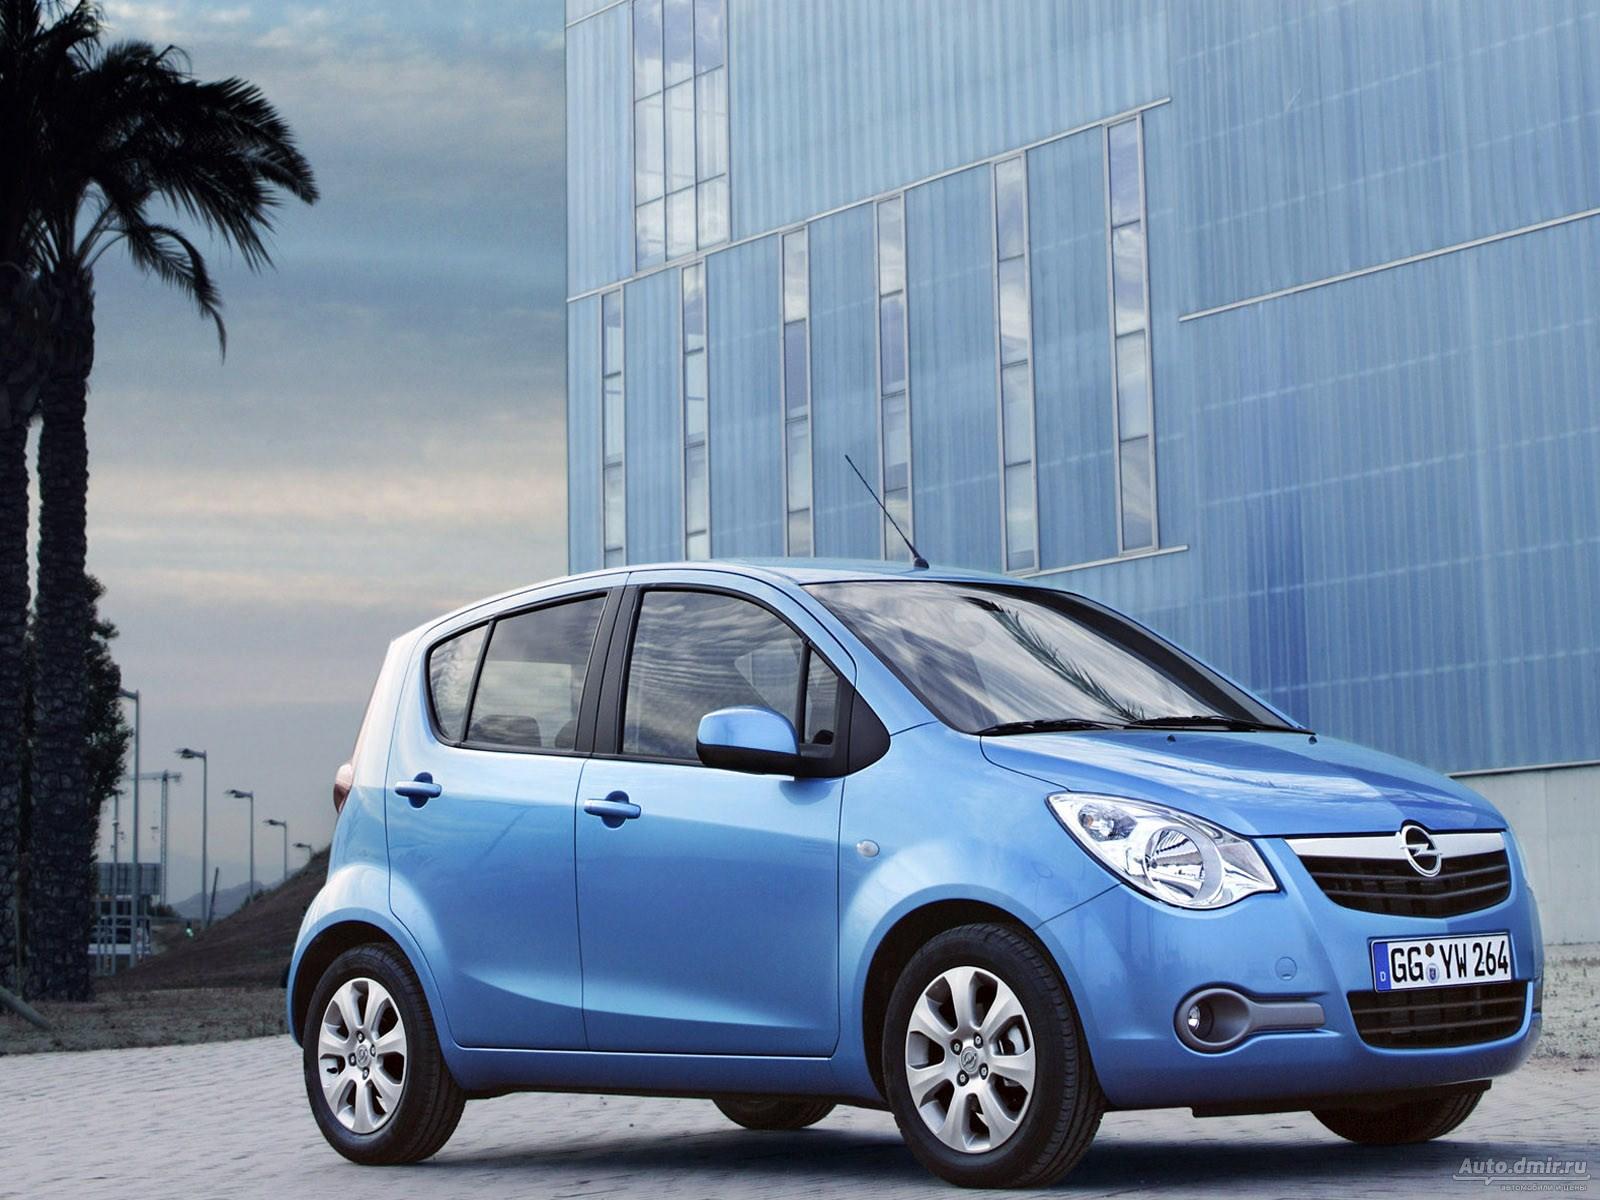 Opel Agila - расход топлива Опель Агила, клиренс, габариты ...